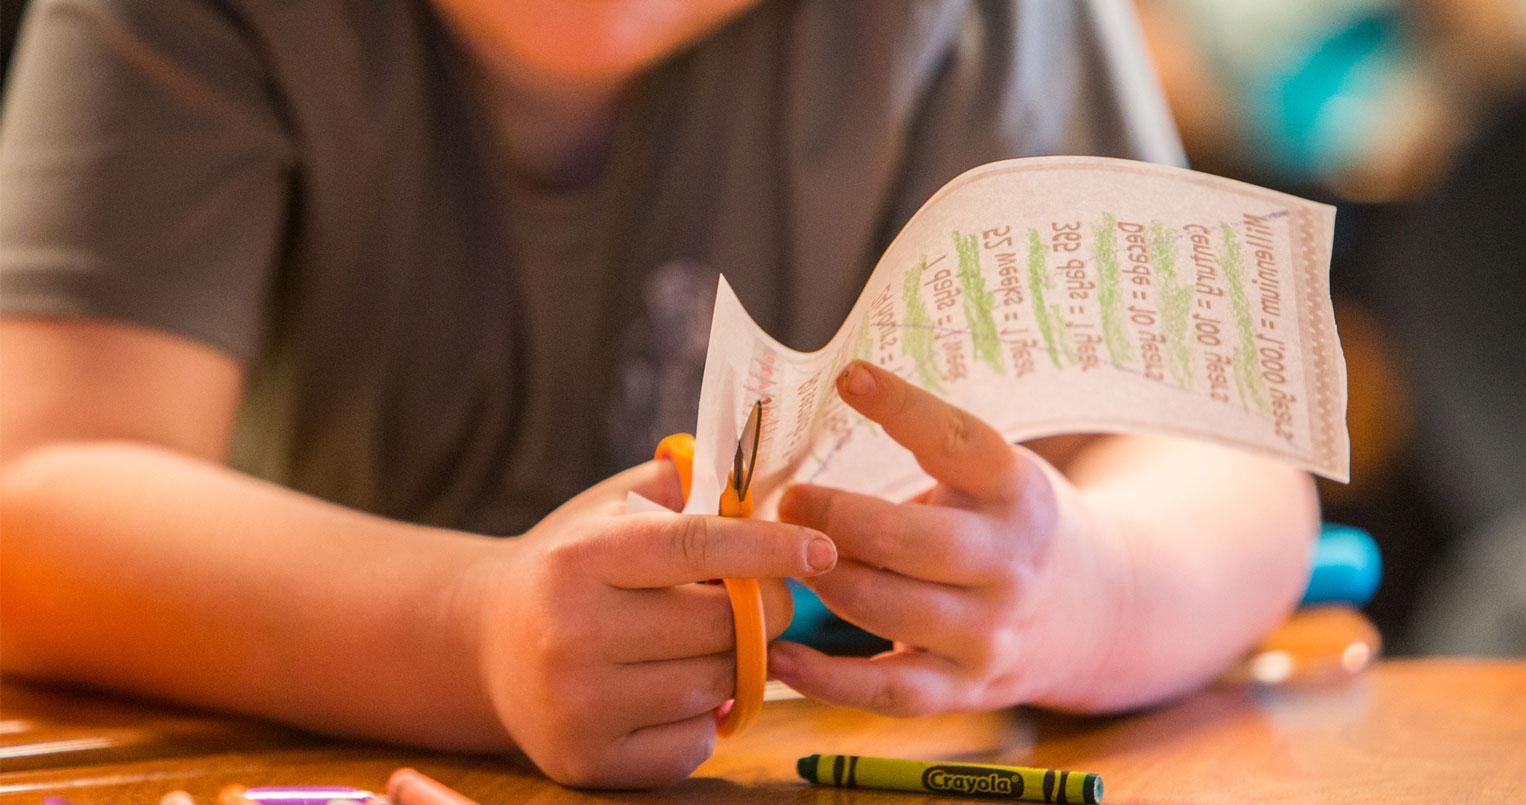 estudiante cortando papel